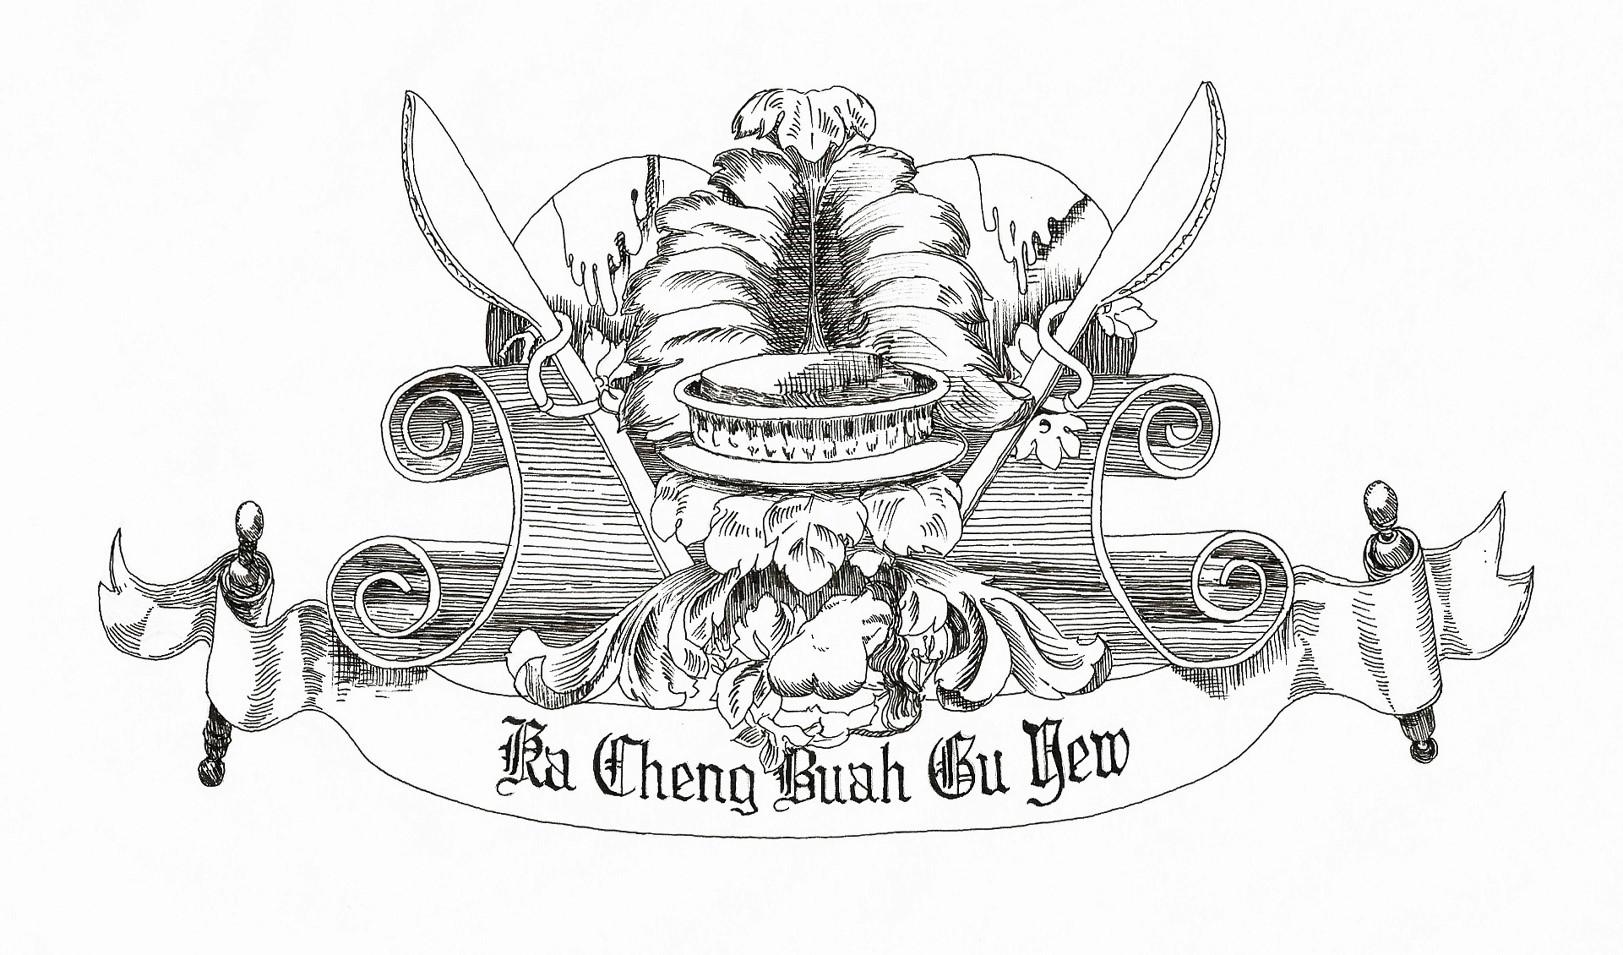 Ka Cheng Buah Bu Yew (2011)